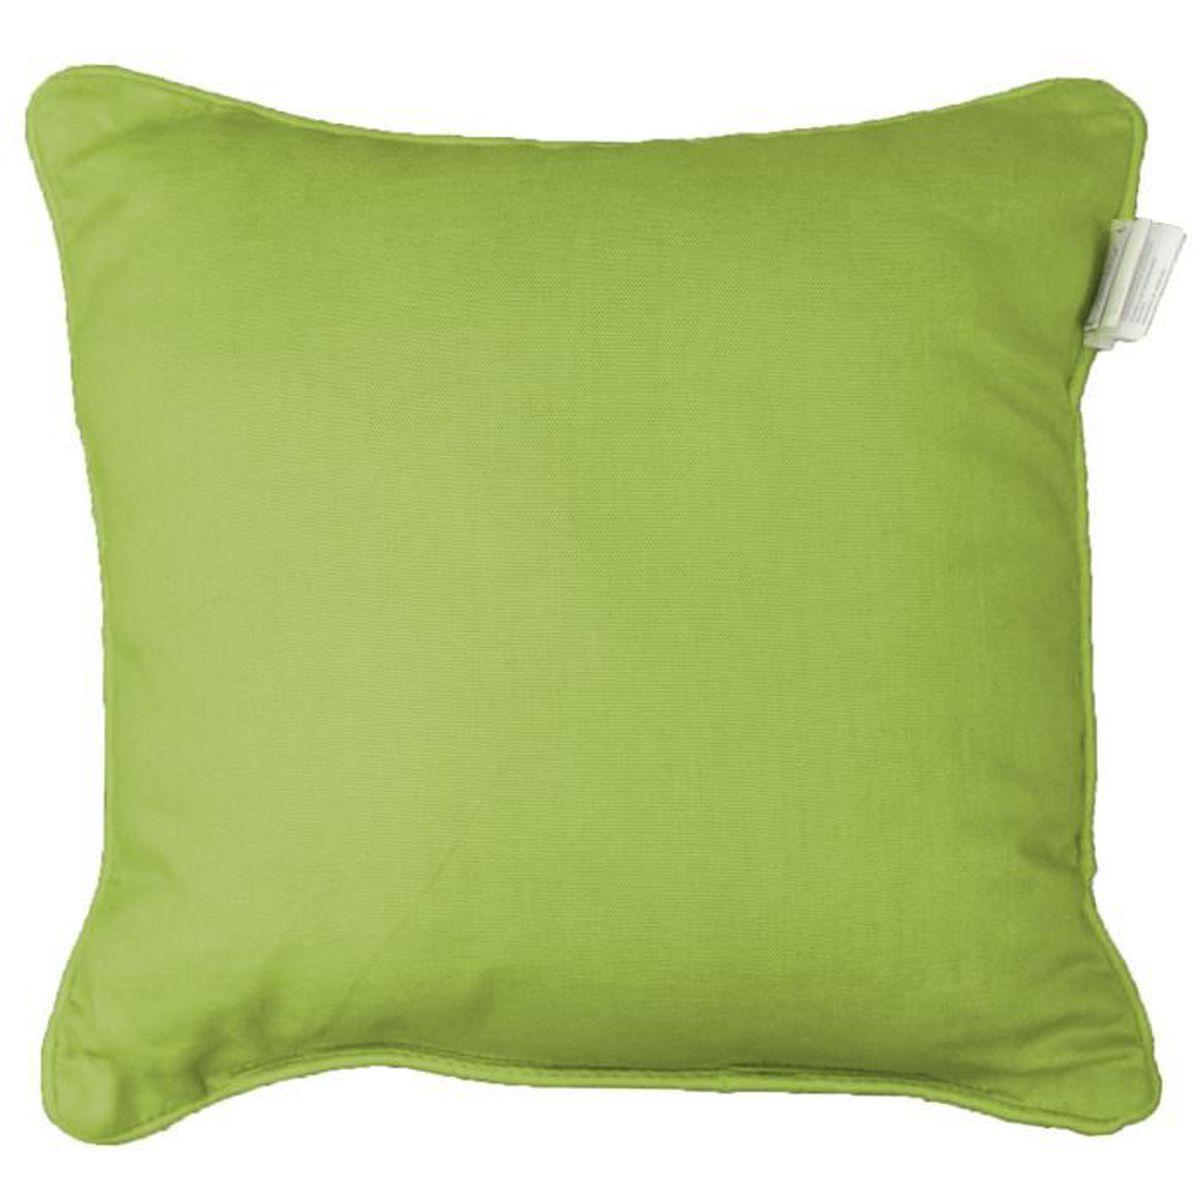 housse coussin 60x60 vert achat vente housse coussin 60x60 vert pas cher cdiscount. Black Bedroom Furniture Sets. Home Design Ideas